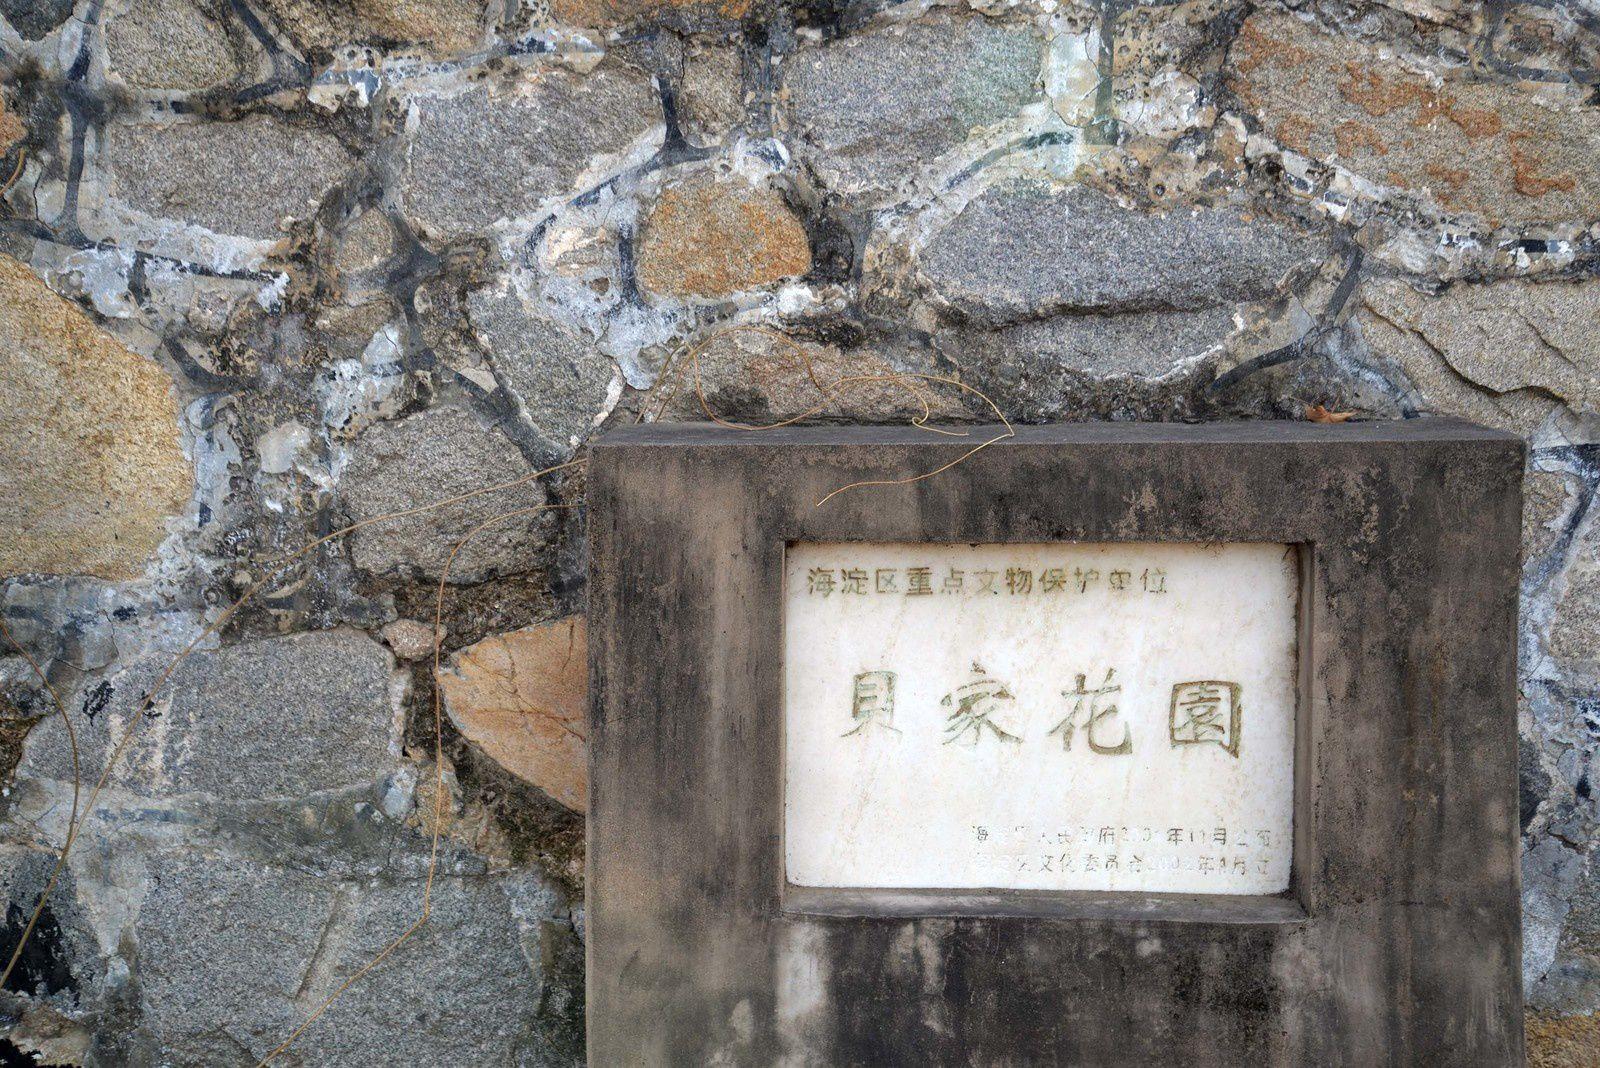 Le jardin du Docteur Bussière à Beijing - 北京贝家花园